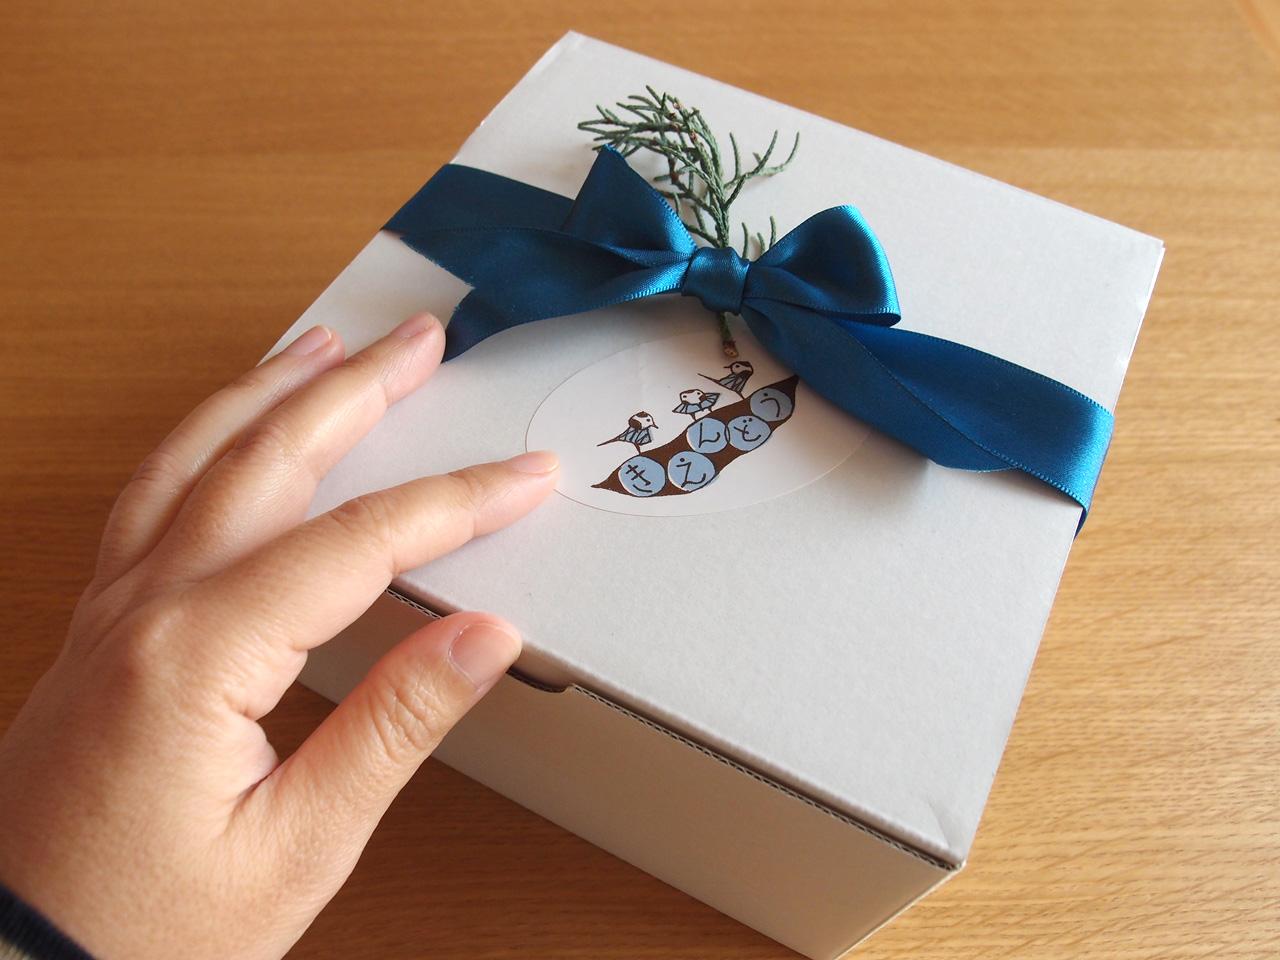 「少女からのクリスマスプレゼント」を受け取りに。